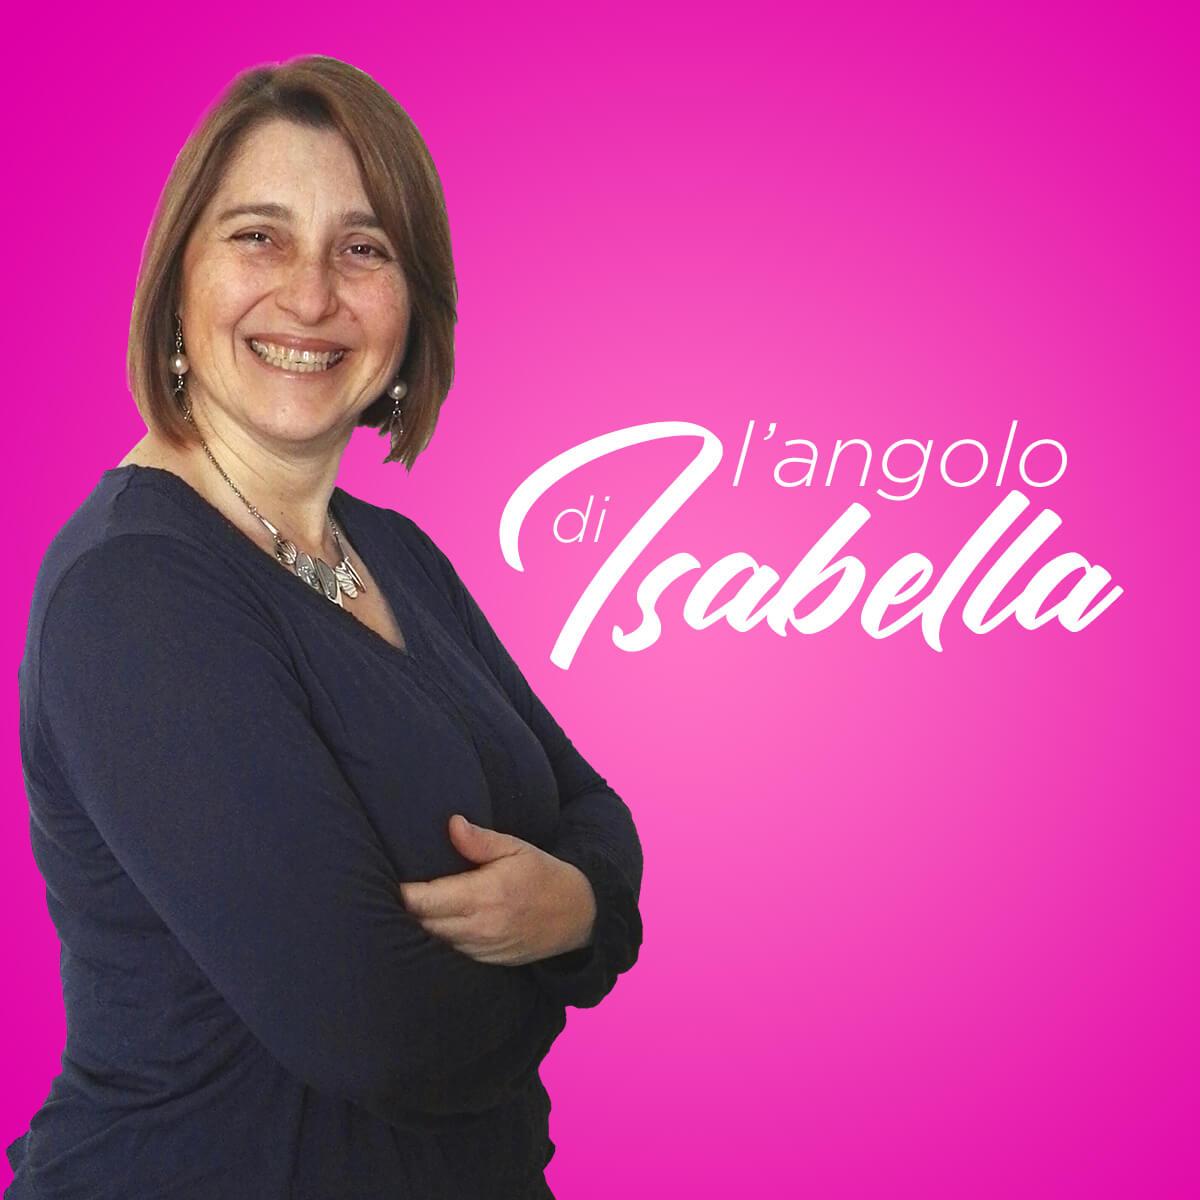 L'angolo di Isabella